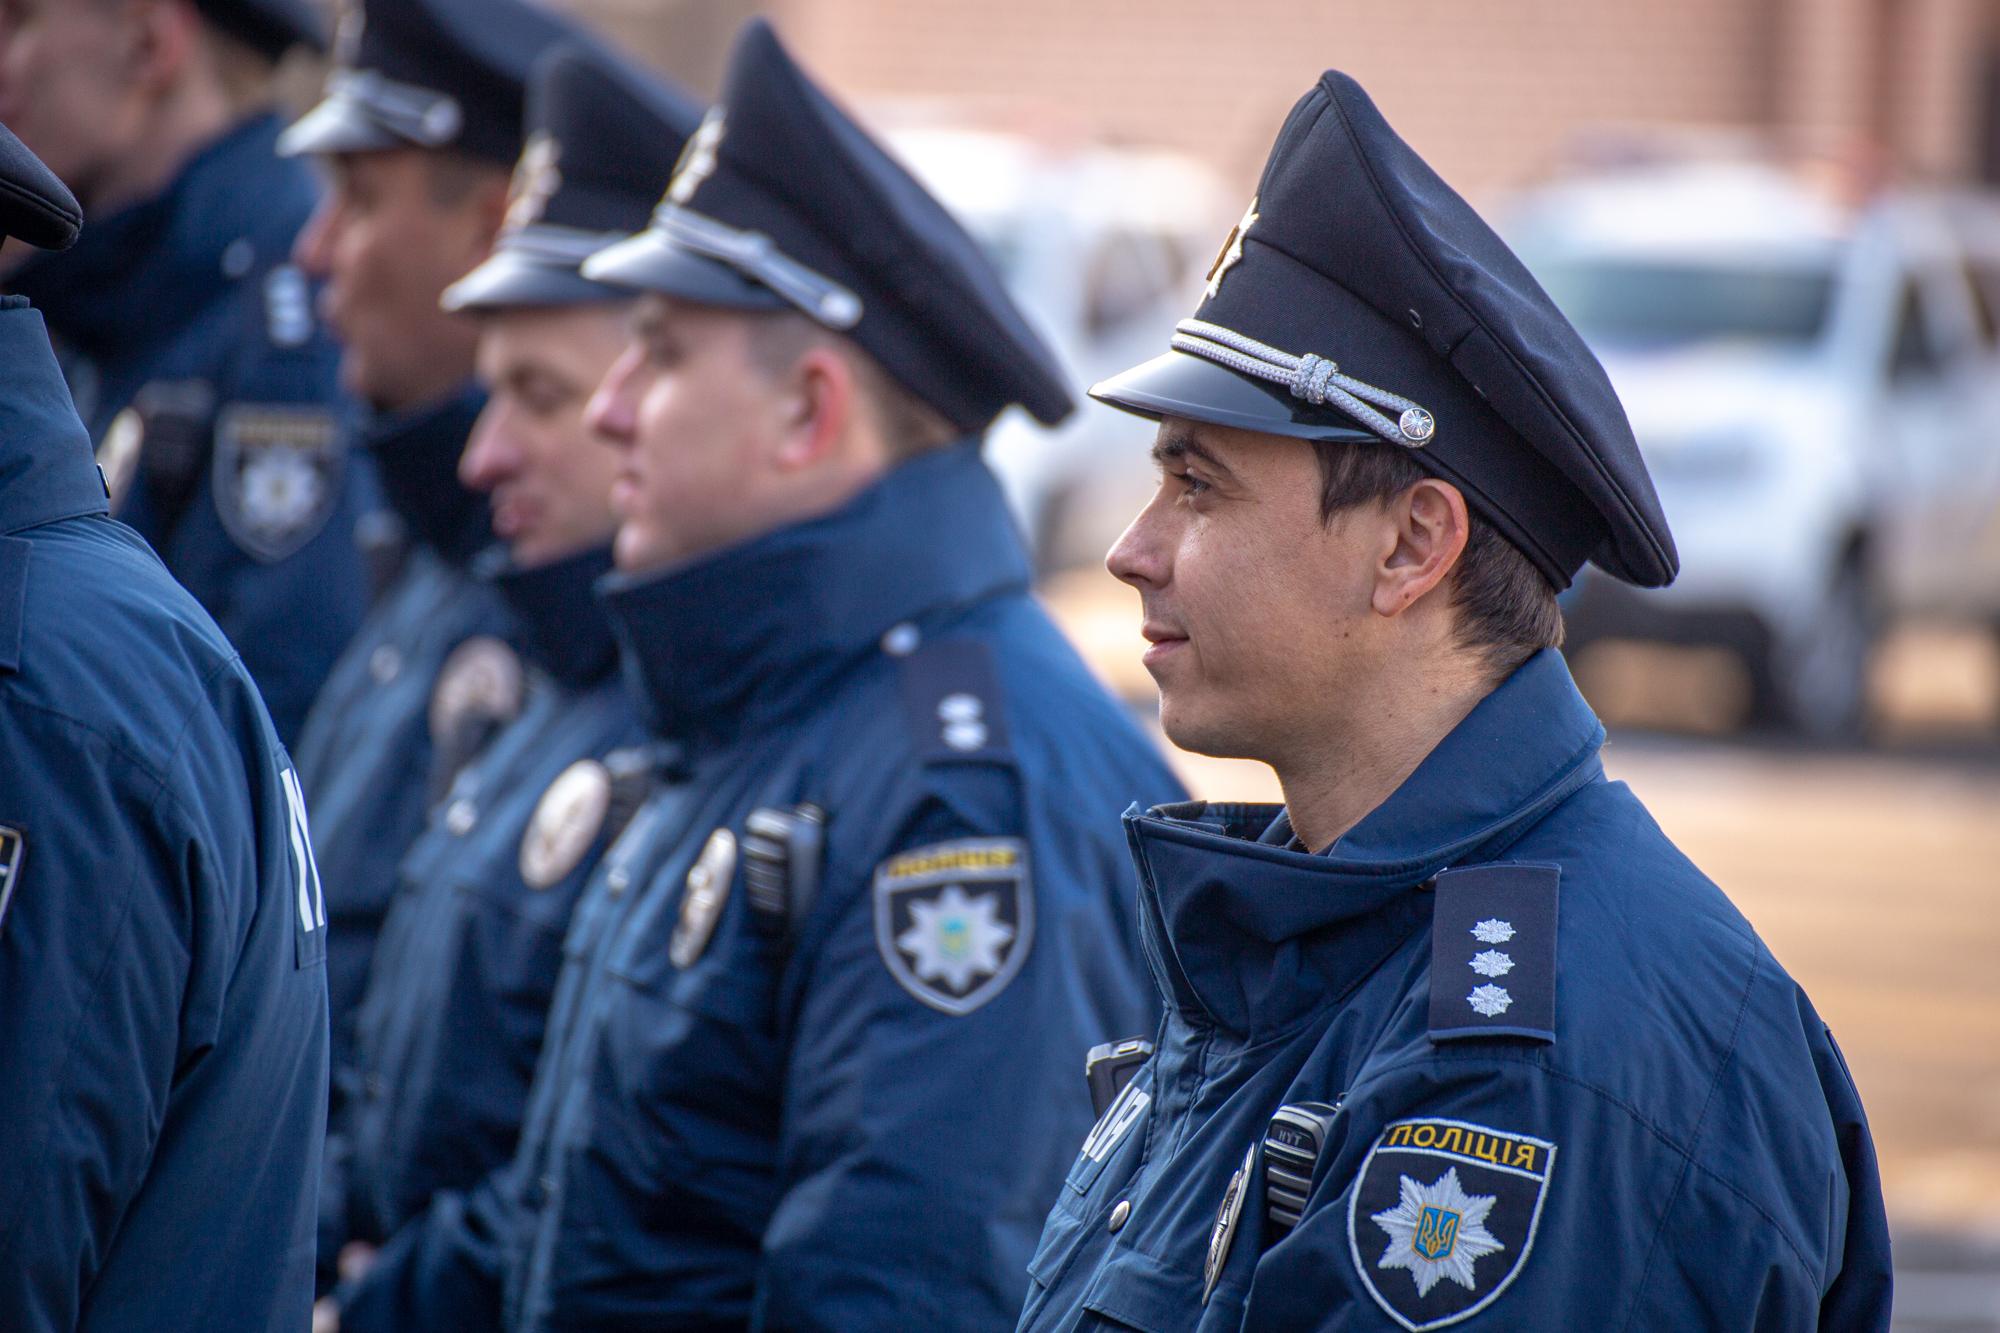 Ще одна група поліцейських офіцерів громад завершила навчання